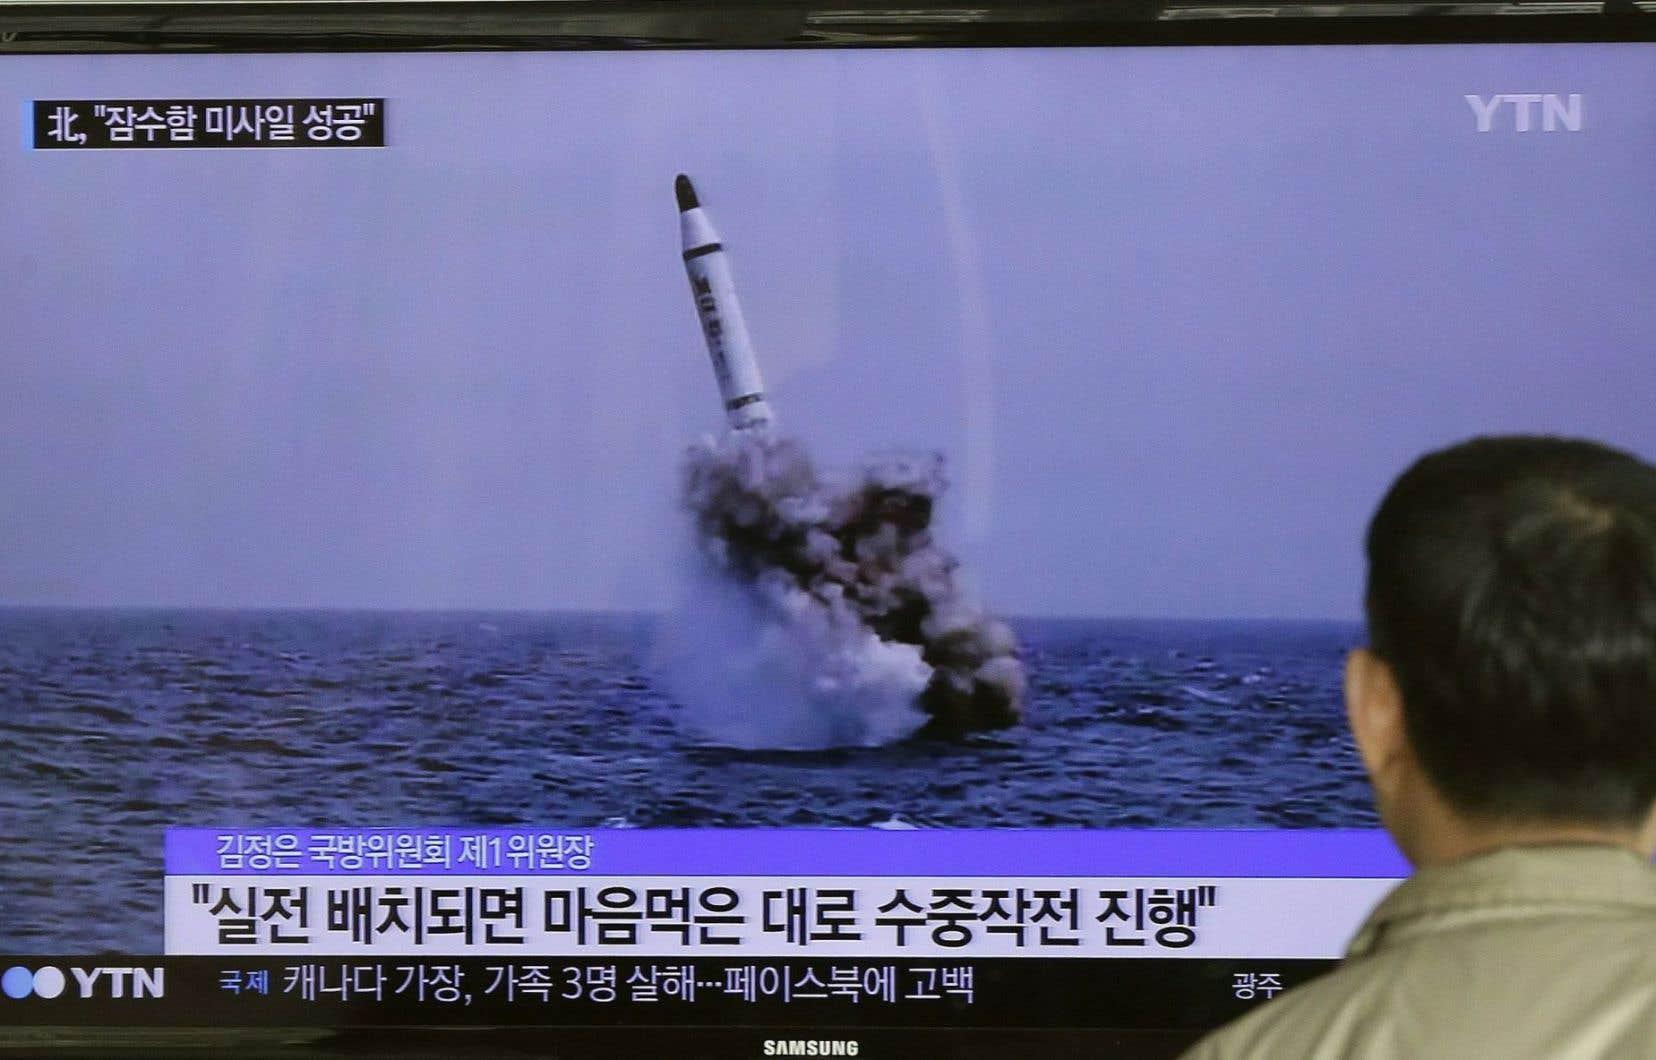 Le choix politique de la Corée du Nord de s'engager résolument dans la voie de l'armement nucléaire remonte aux années 1980. Selon les estimations, Pyongyang consacre entre le quart et le tiers de son budget aux forces armées, ce qui inclut le nucléaire.